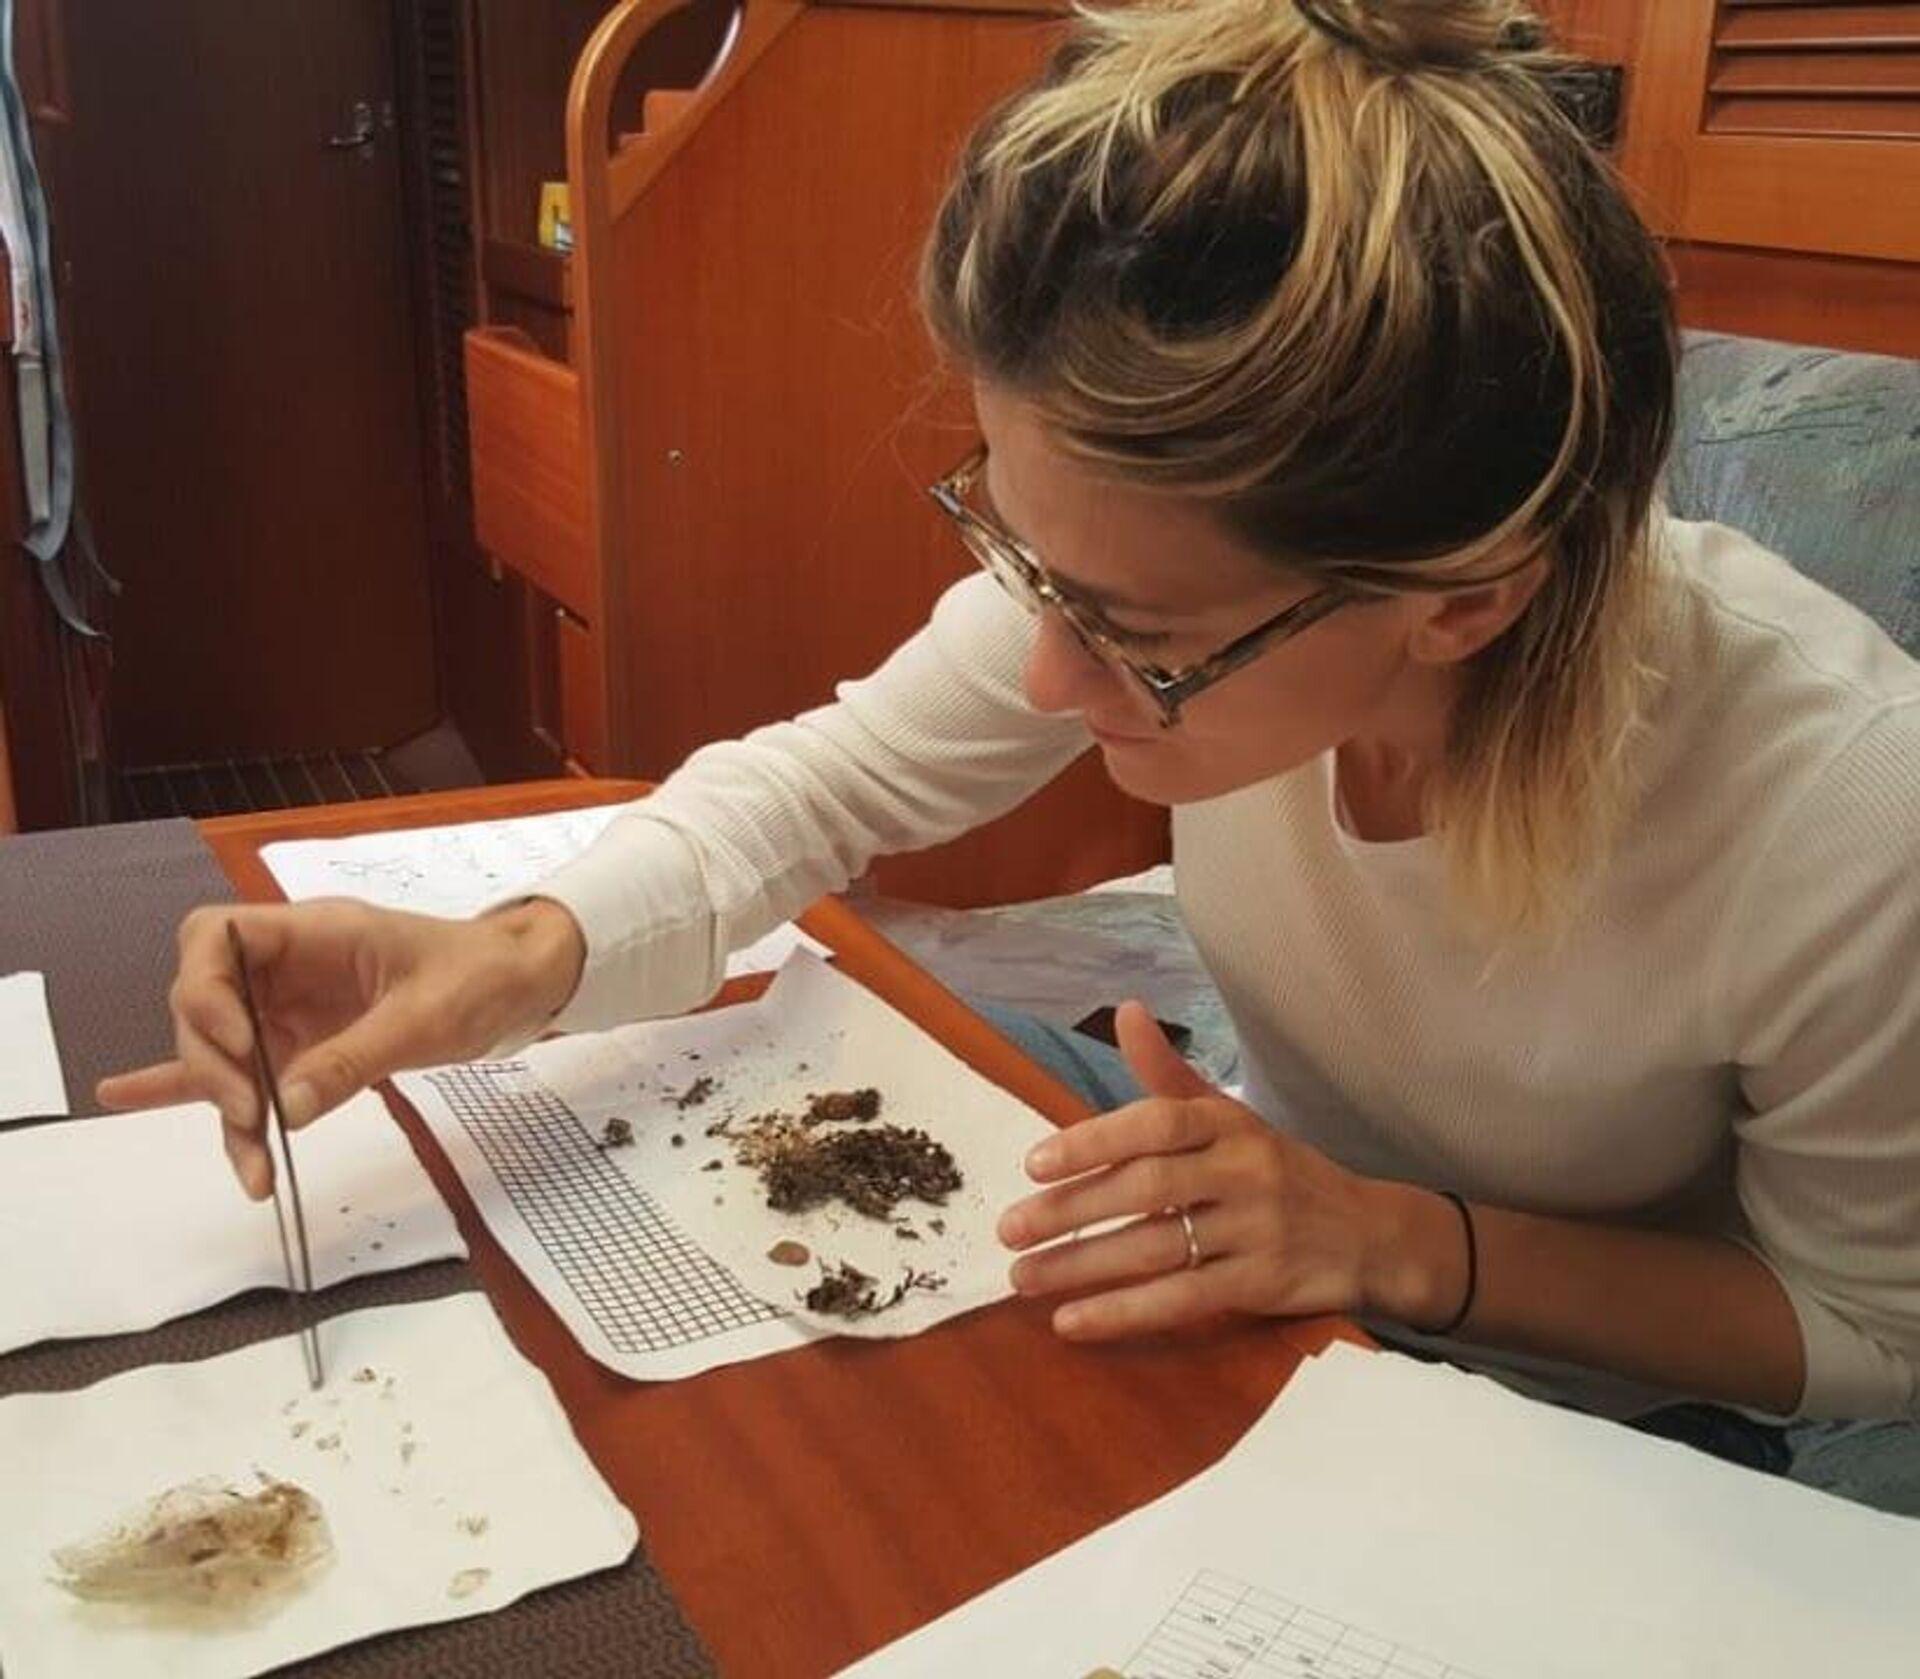 Agustina Besada analiza muestras de plástico en el océano en medio de una expedición - Sputnik Mundo, 1920, 22.02.2021